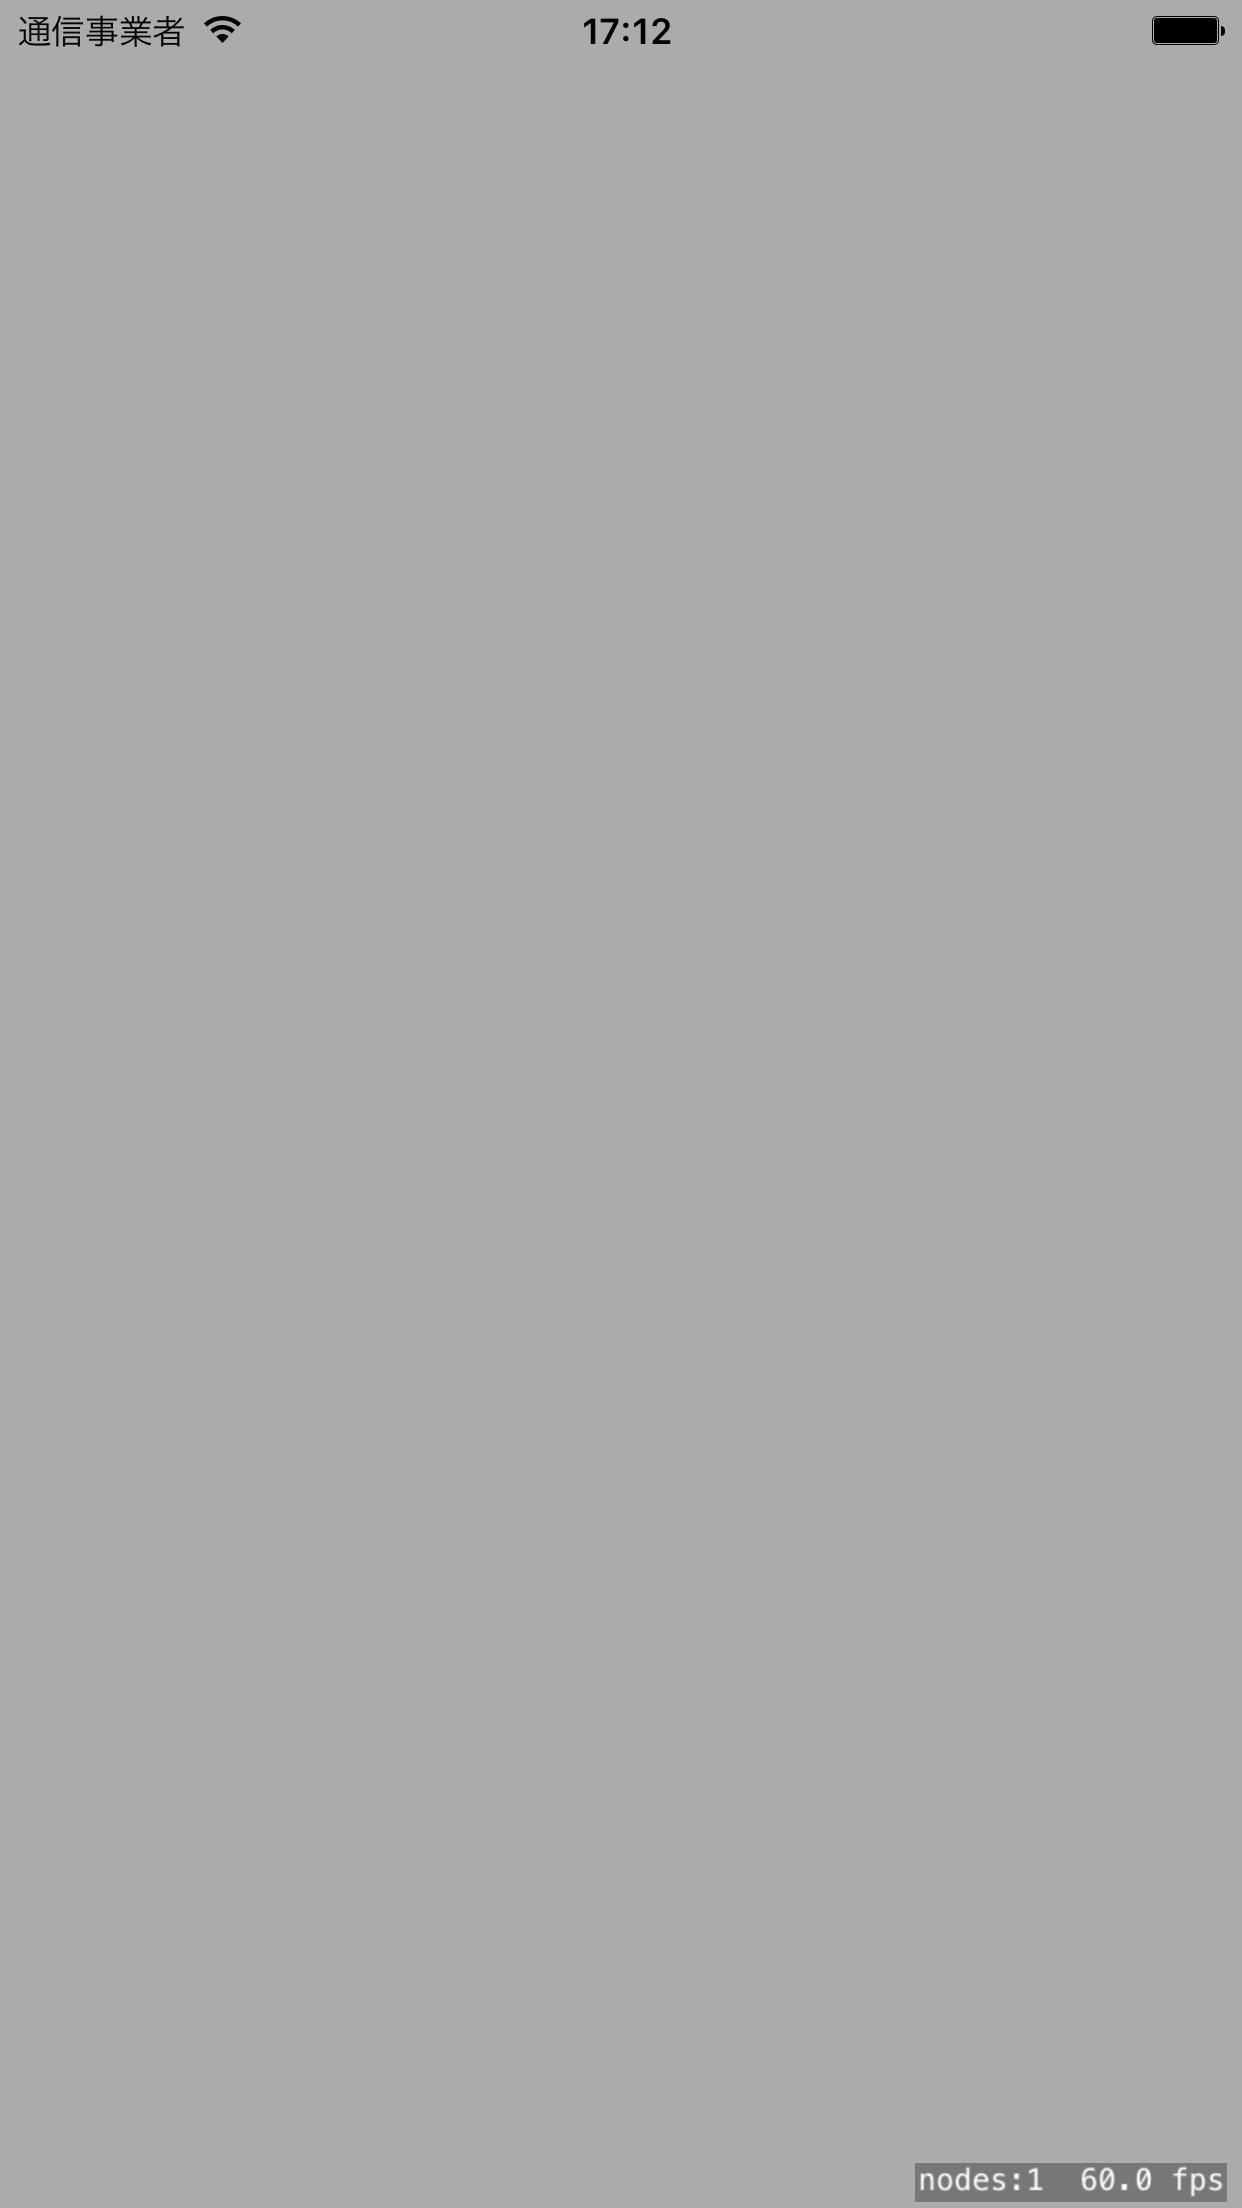 Simulator Screen Shot H29.01.03 17.12.50.png